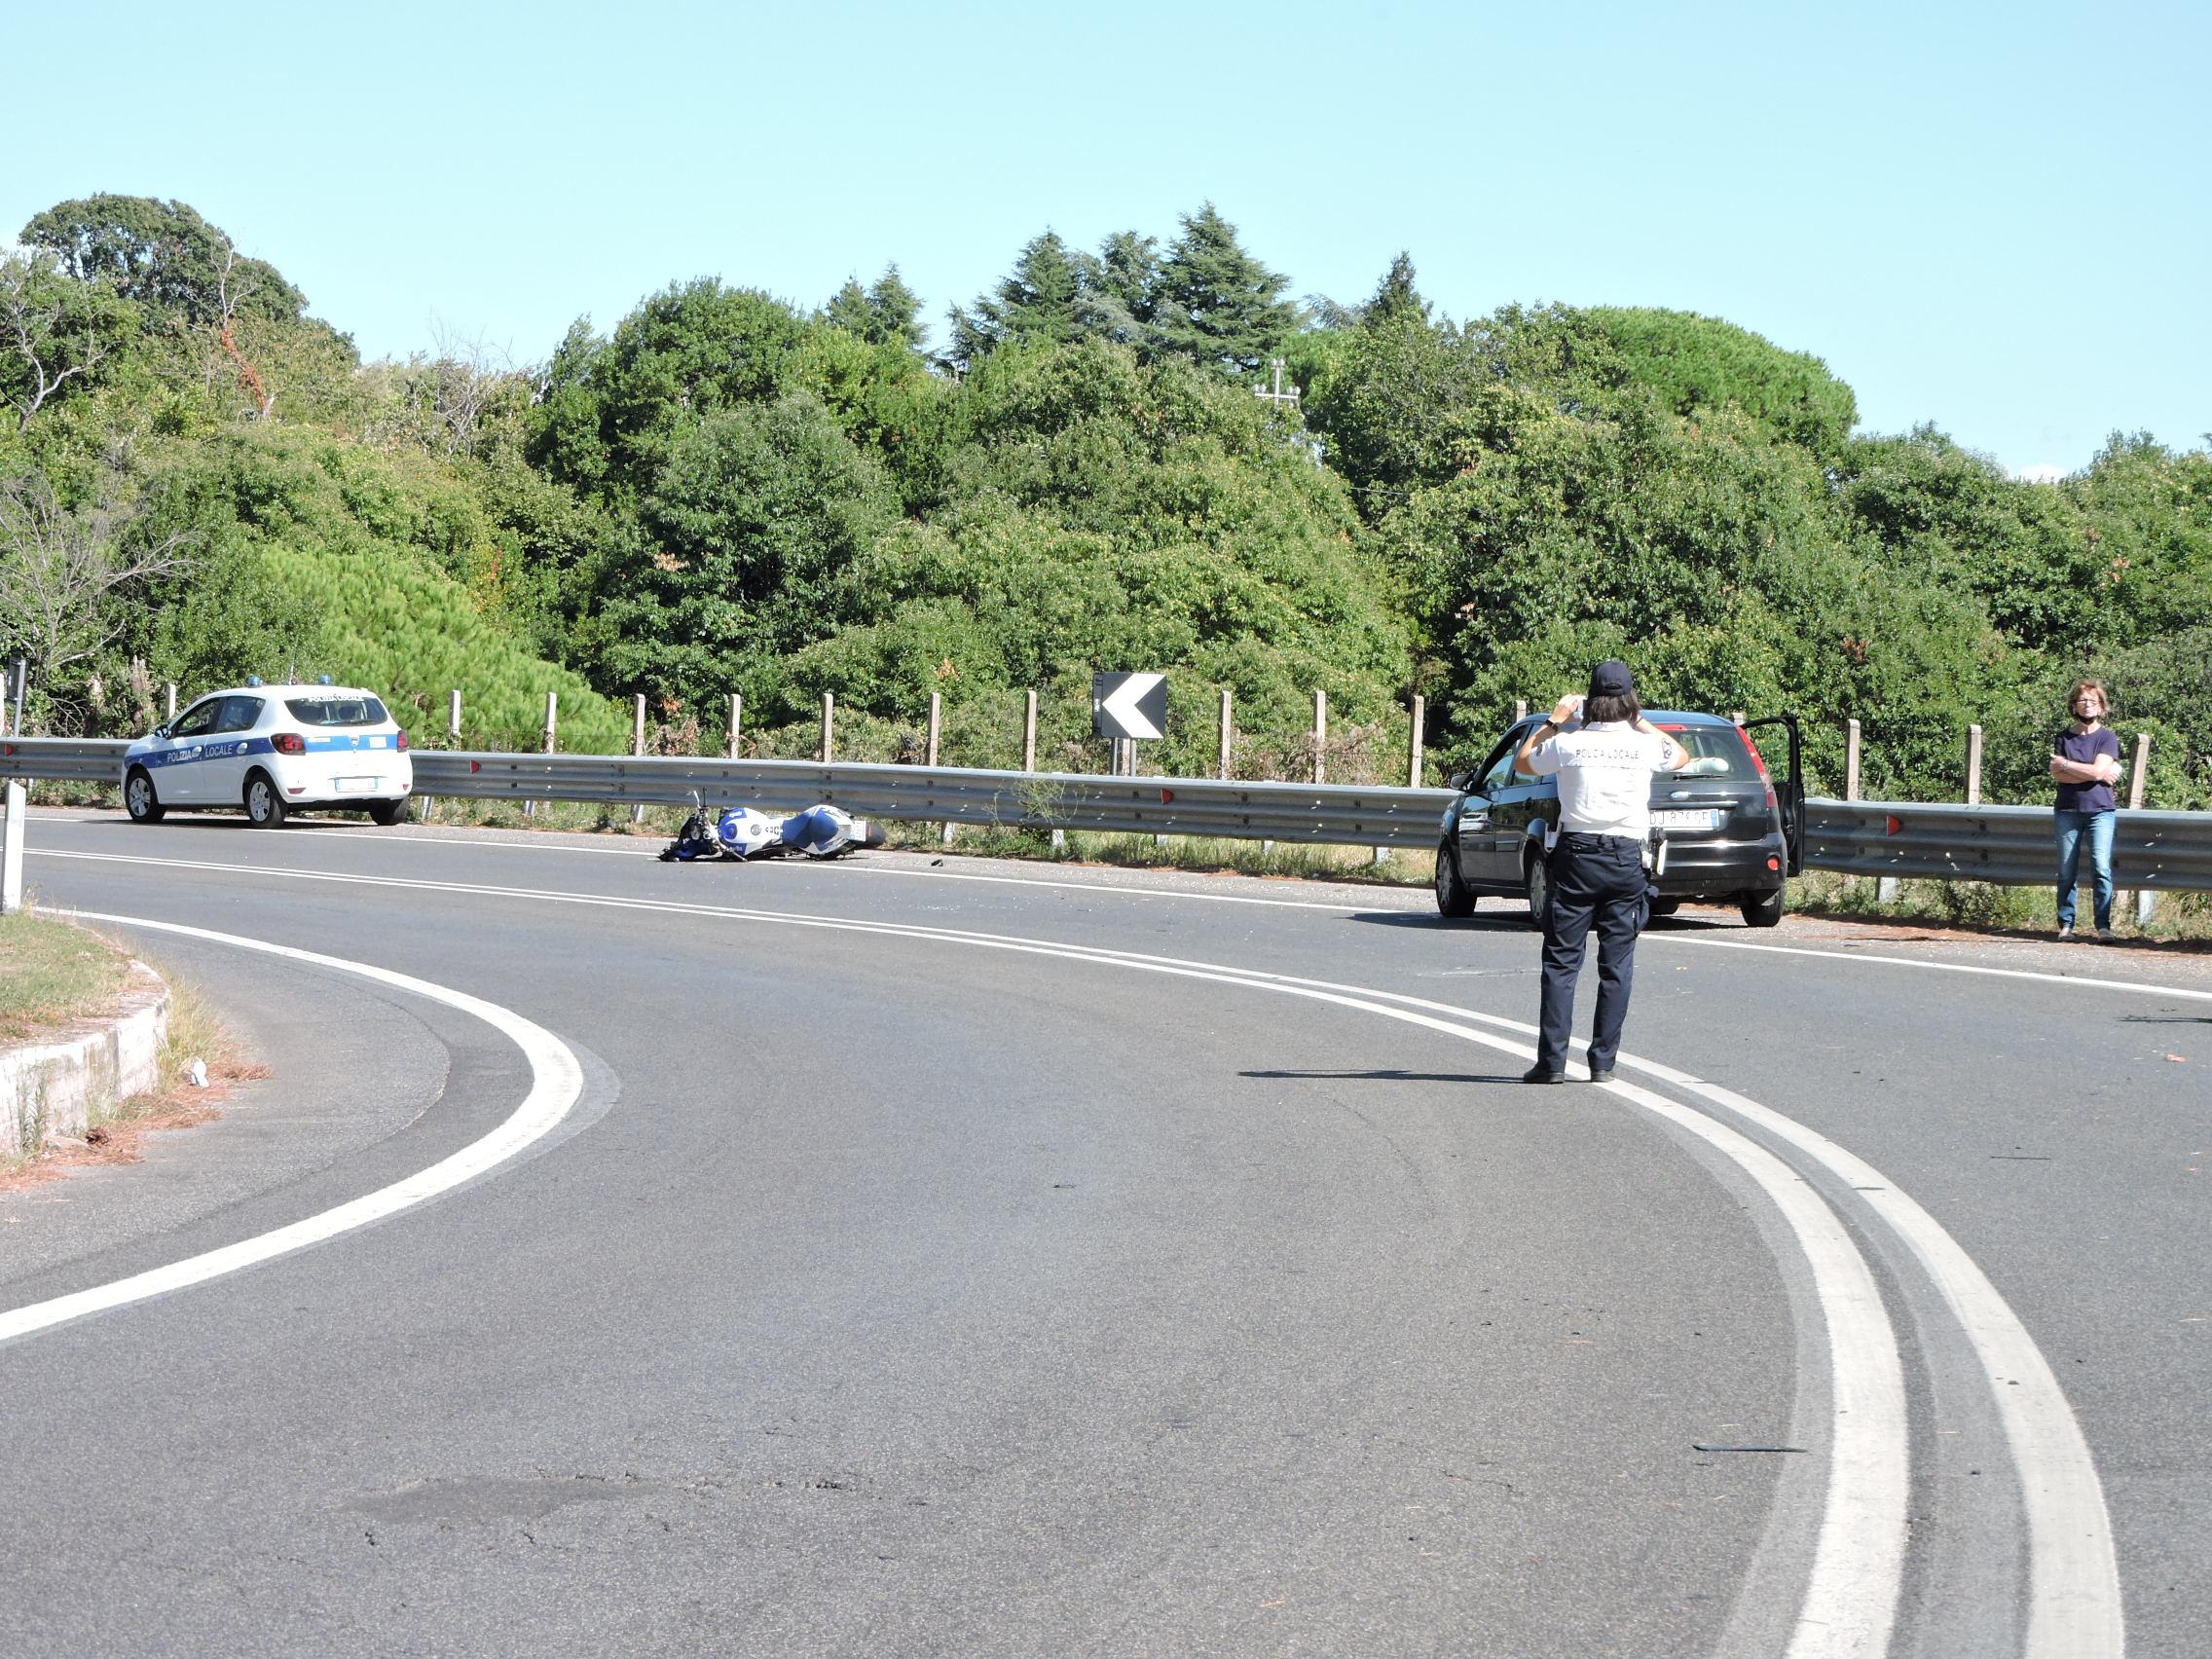 Velletri, rintracciato dopo 24 ore il pirata della strada, grazie ad una videocamera su via Appia Nuova